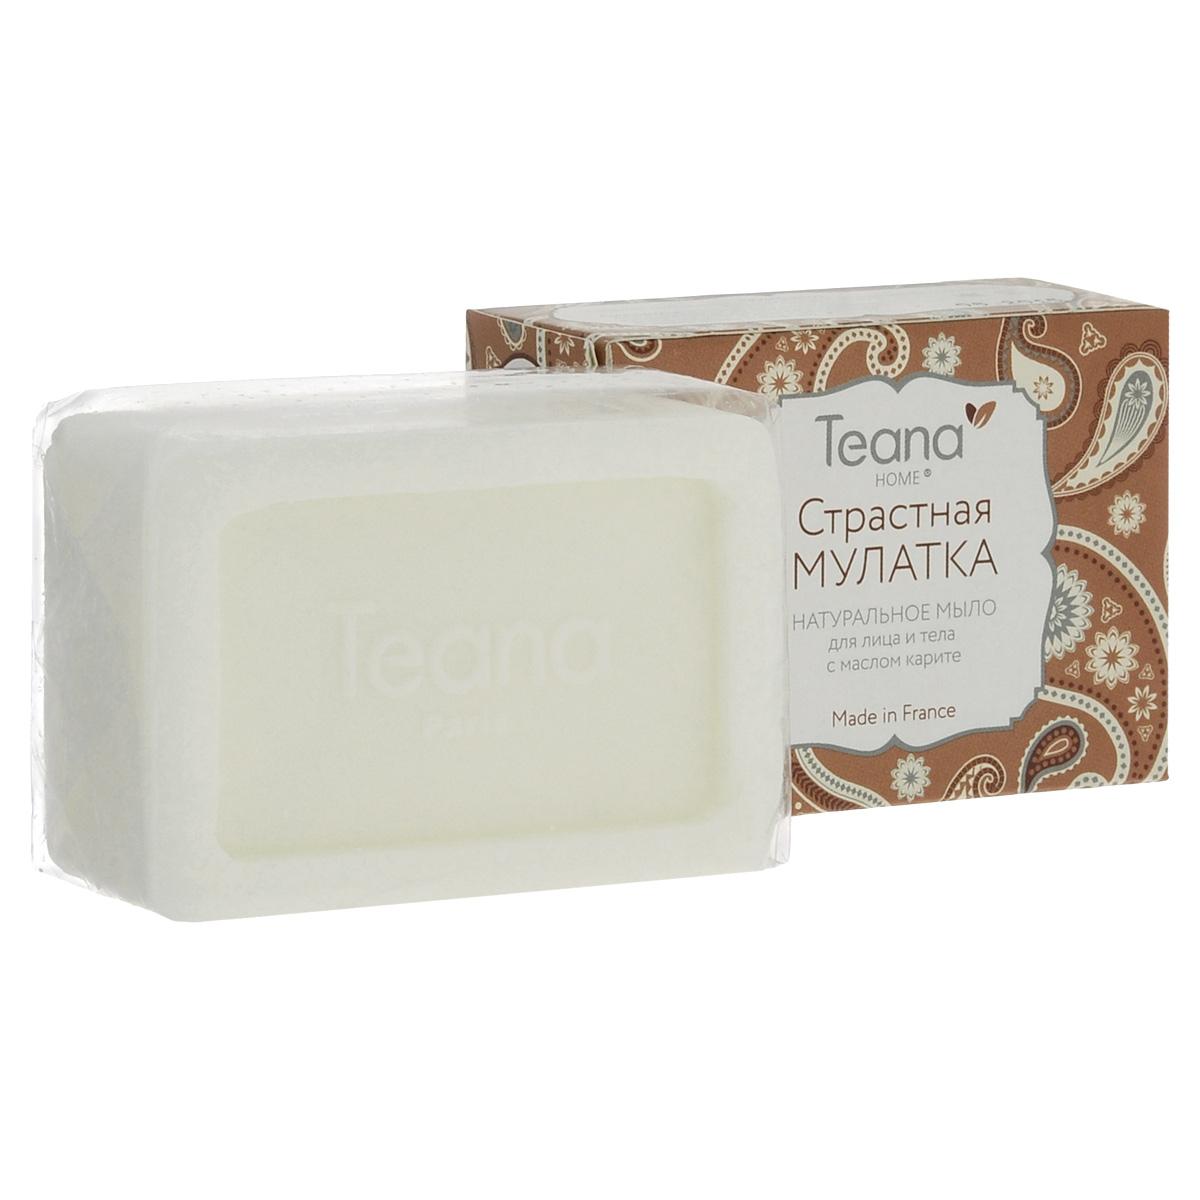 """Teana Натуральное мыло для лица и тела """"Страстная мулатка"""", для сухой кожи, с маслом карите, 100 г"""